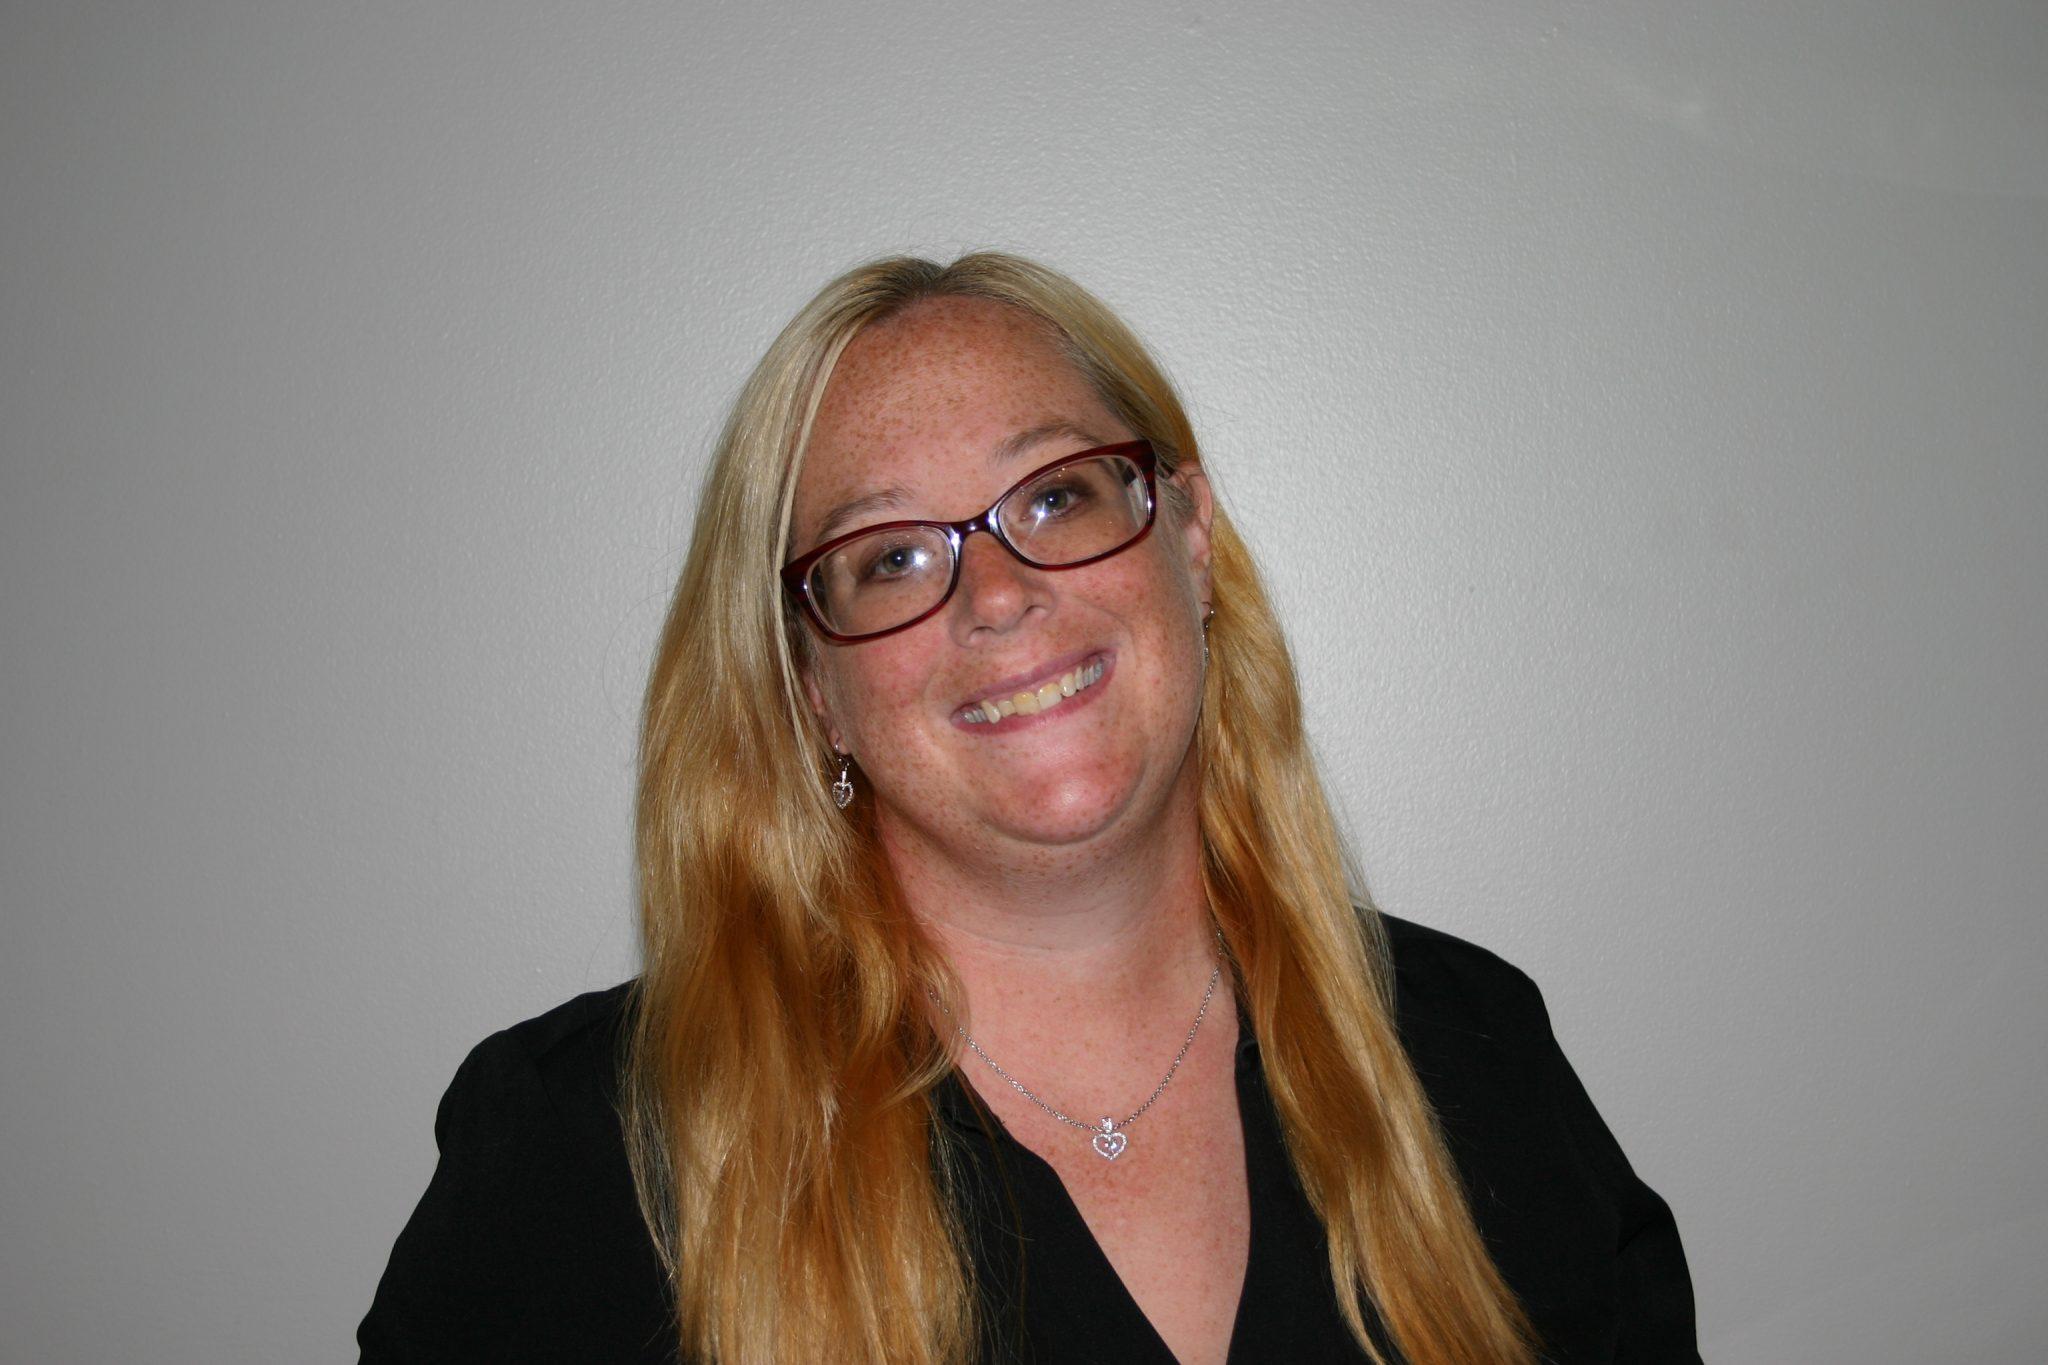 Marisa Nicolaisen, Dir. of IL